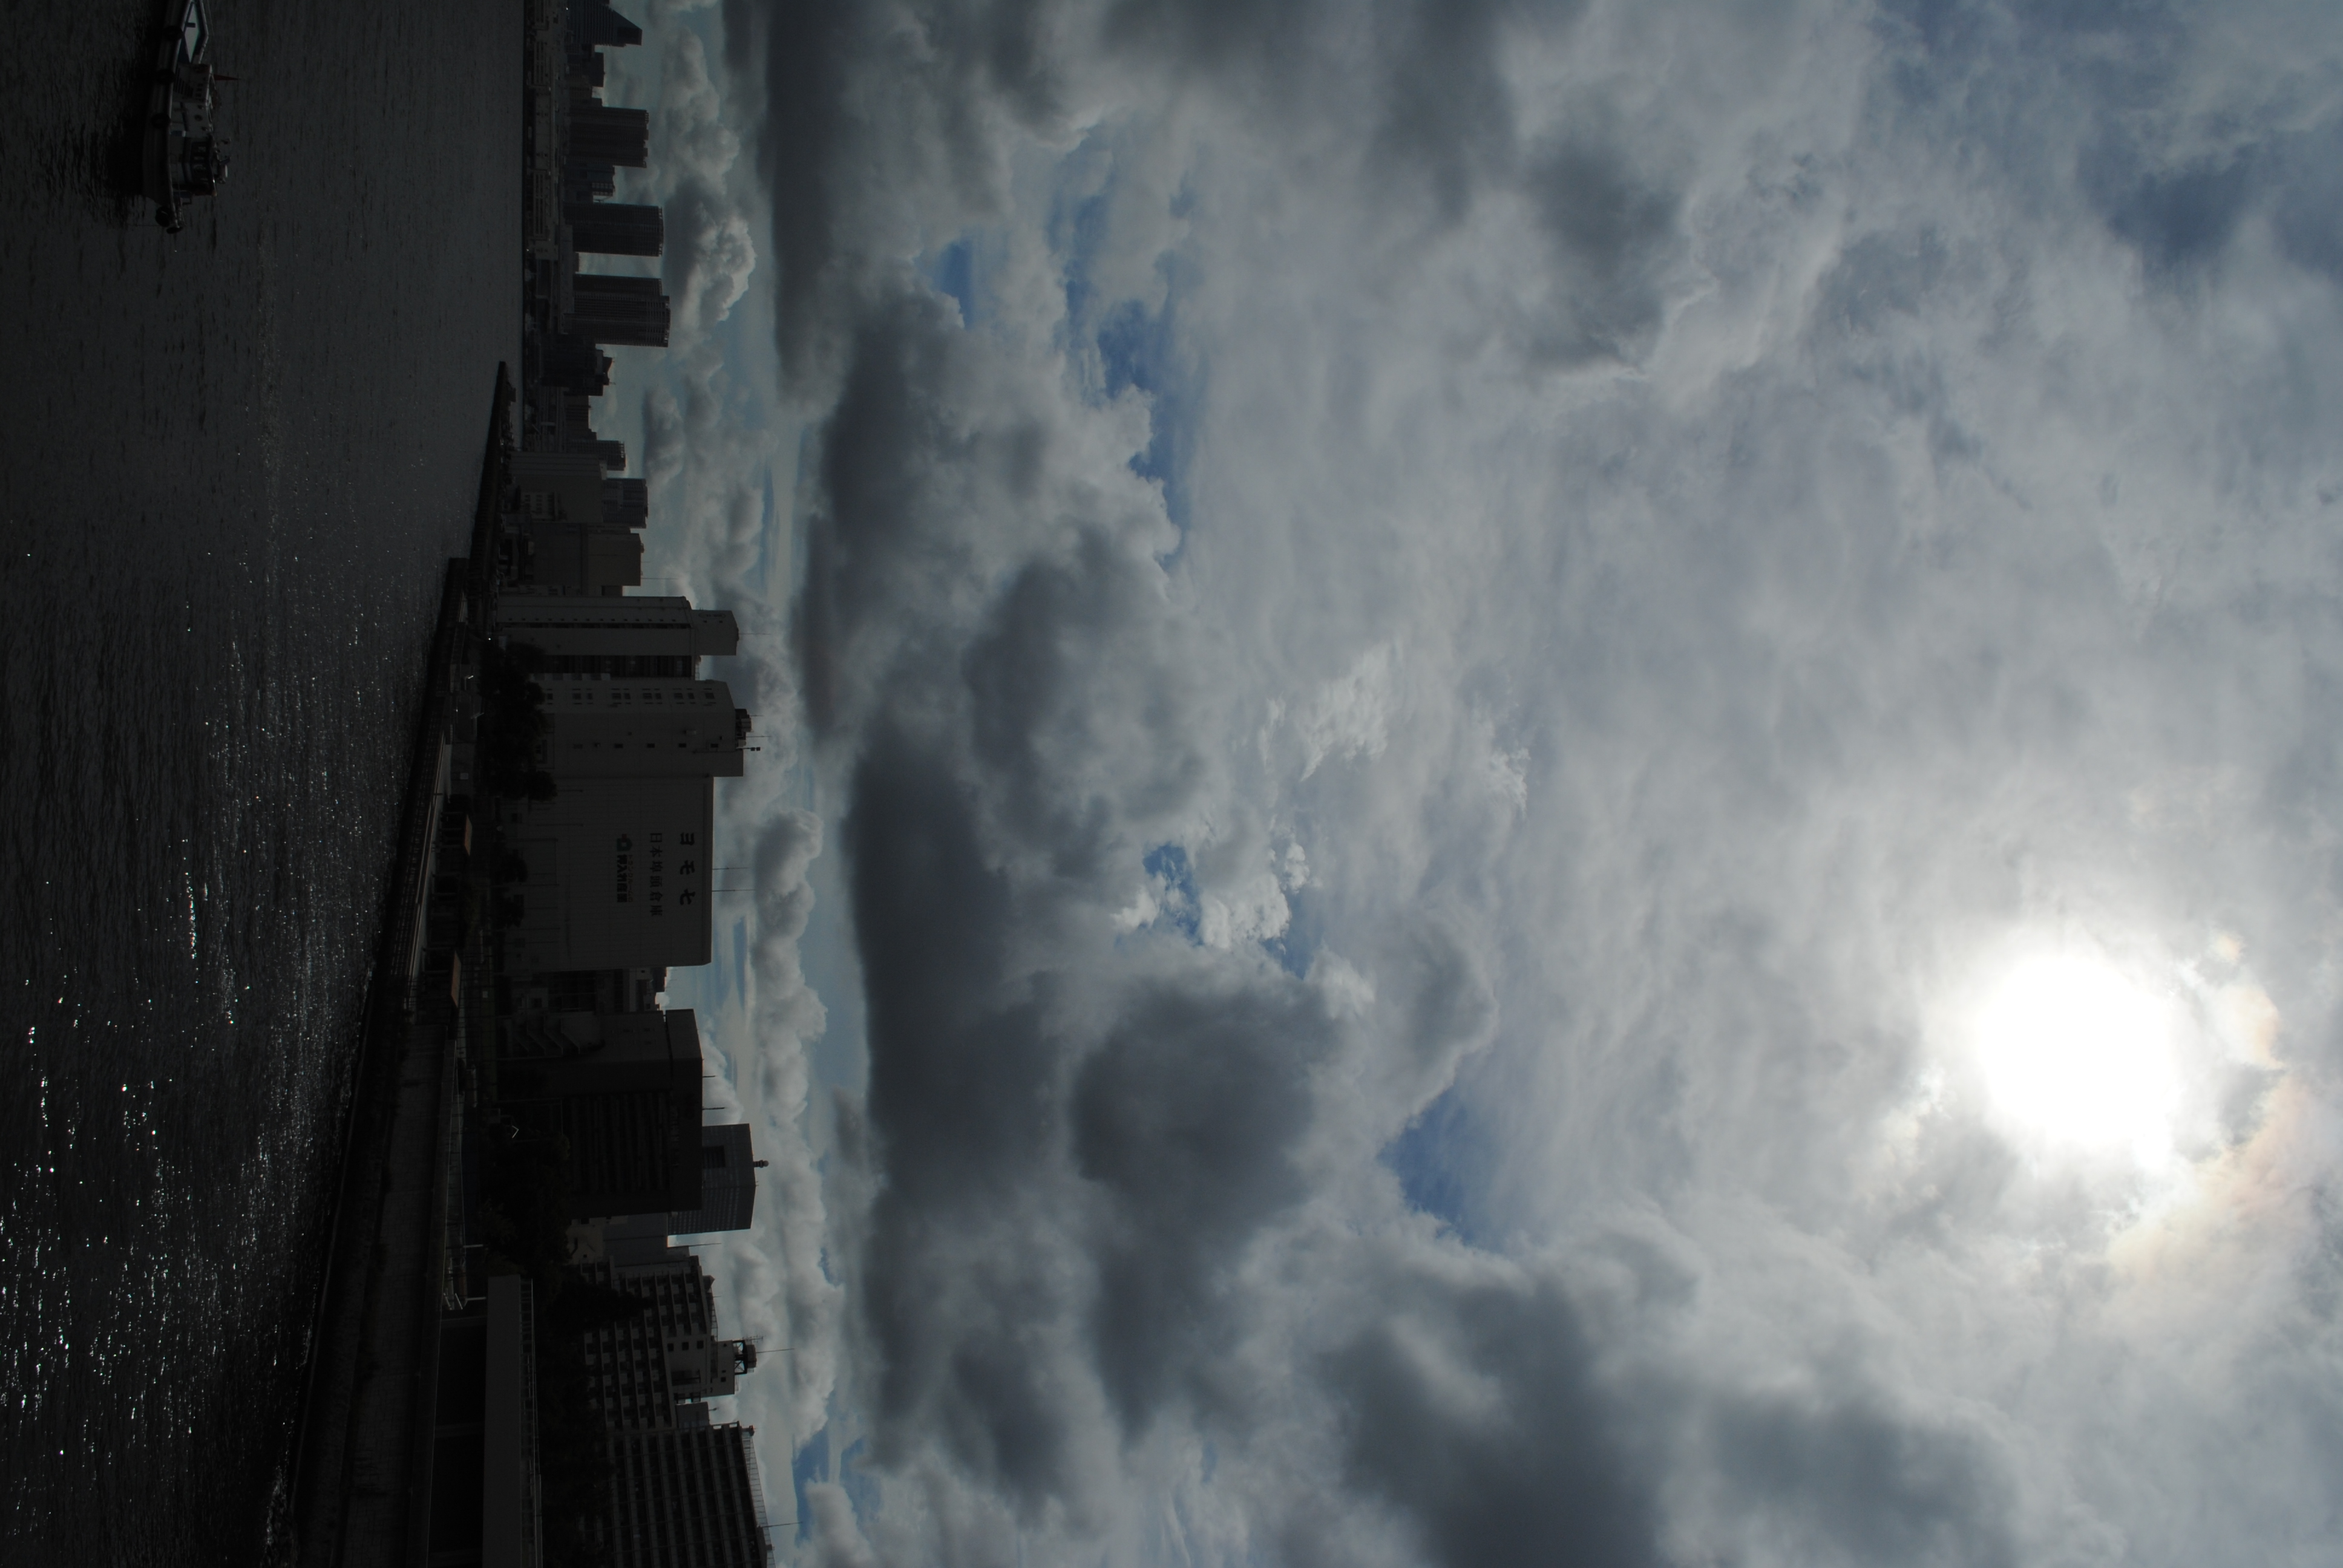 <b>太陽入りの構図ということもあるが、高層の雲と低層の雲の違いがよく見えるように、多めにマイナス補正してみた<br>AF-S DX NIKKOR 18-55mm F3.5-5.6 G VR / 3,872×2,592 / 1/800秒 / F14 / -1.3EV / ISO100 / WB:晴天 / 18mm</b>